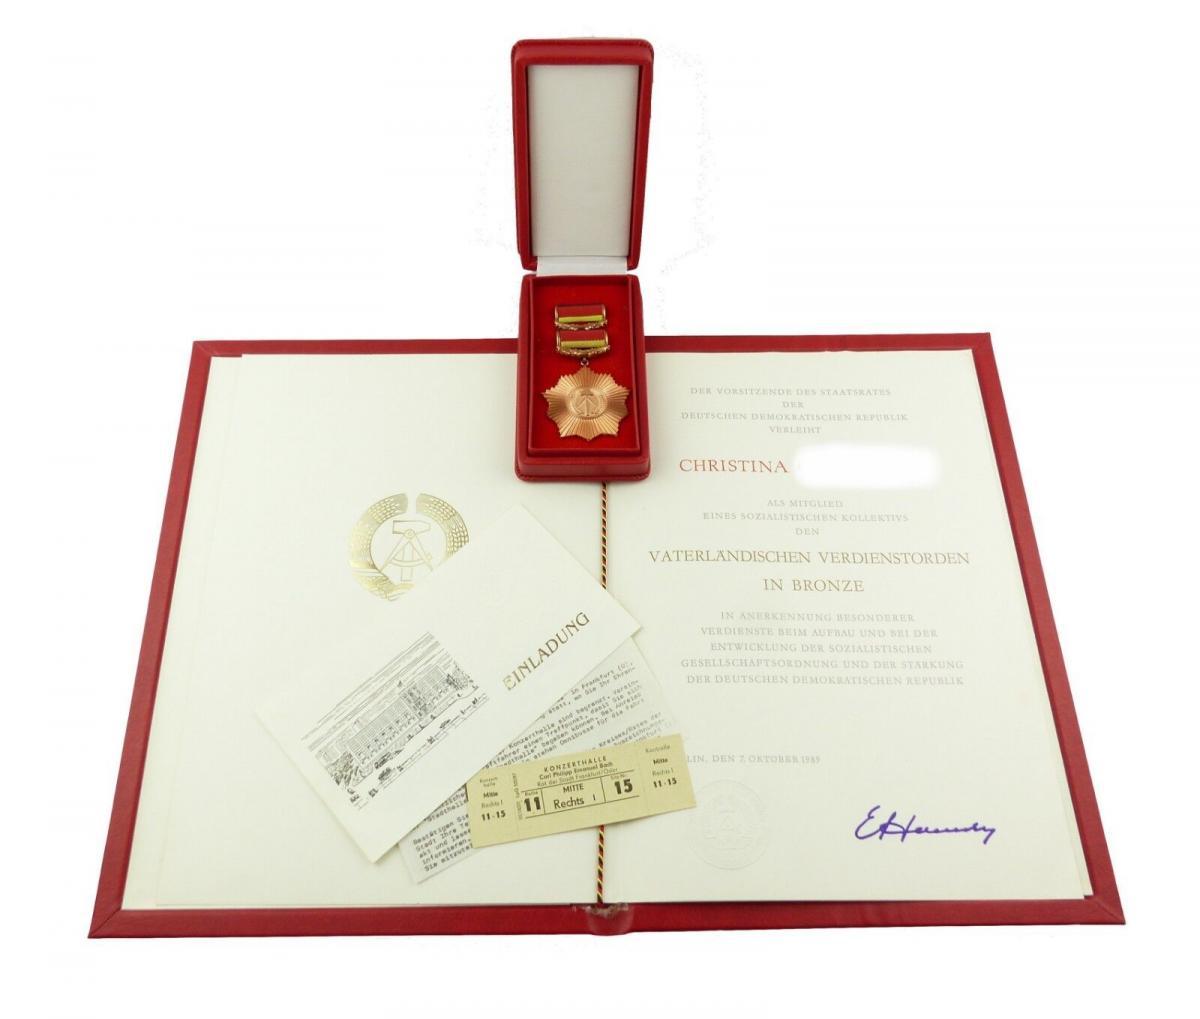 E9871 Vaterländischer Verdienstorden in Bronze mit Urkunde Mappe und Einladung